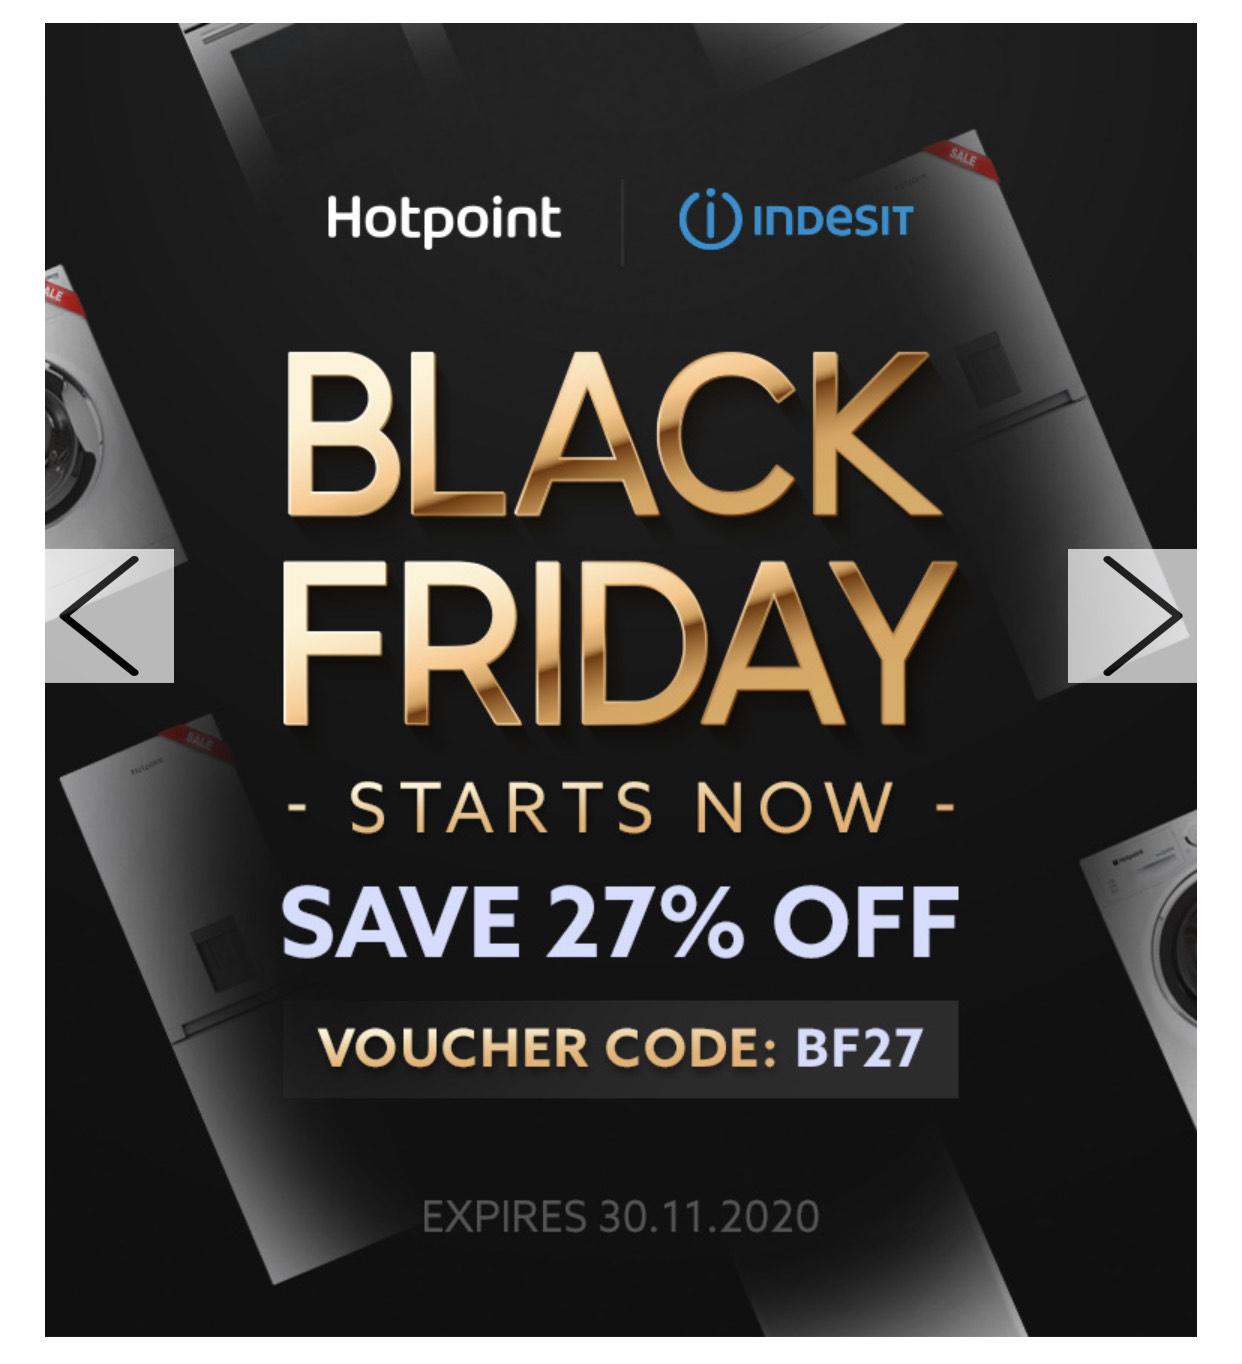 Hotpoint, Indersit, KitchenAid Appliances - Up to 27% Off @ Privilege Purchase Club